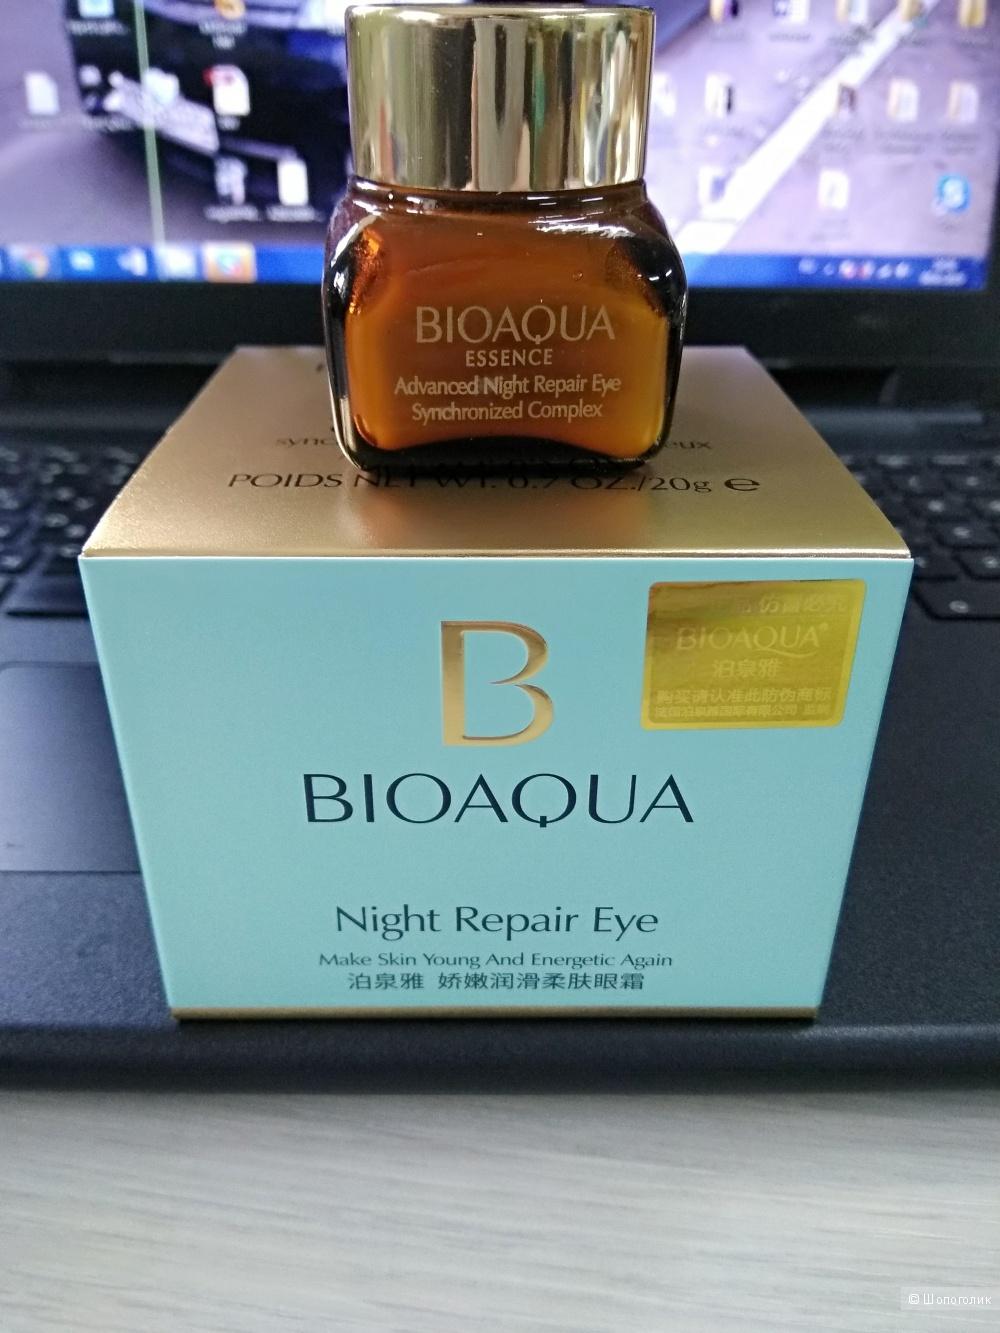 Ночной омолаживающий крем для кожи вокруг глаз Bioaqua